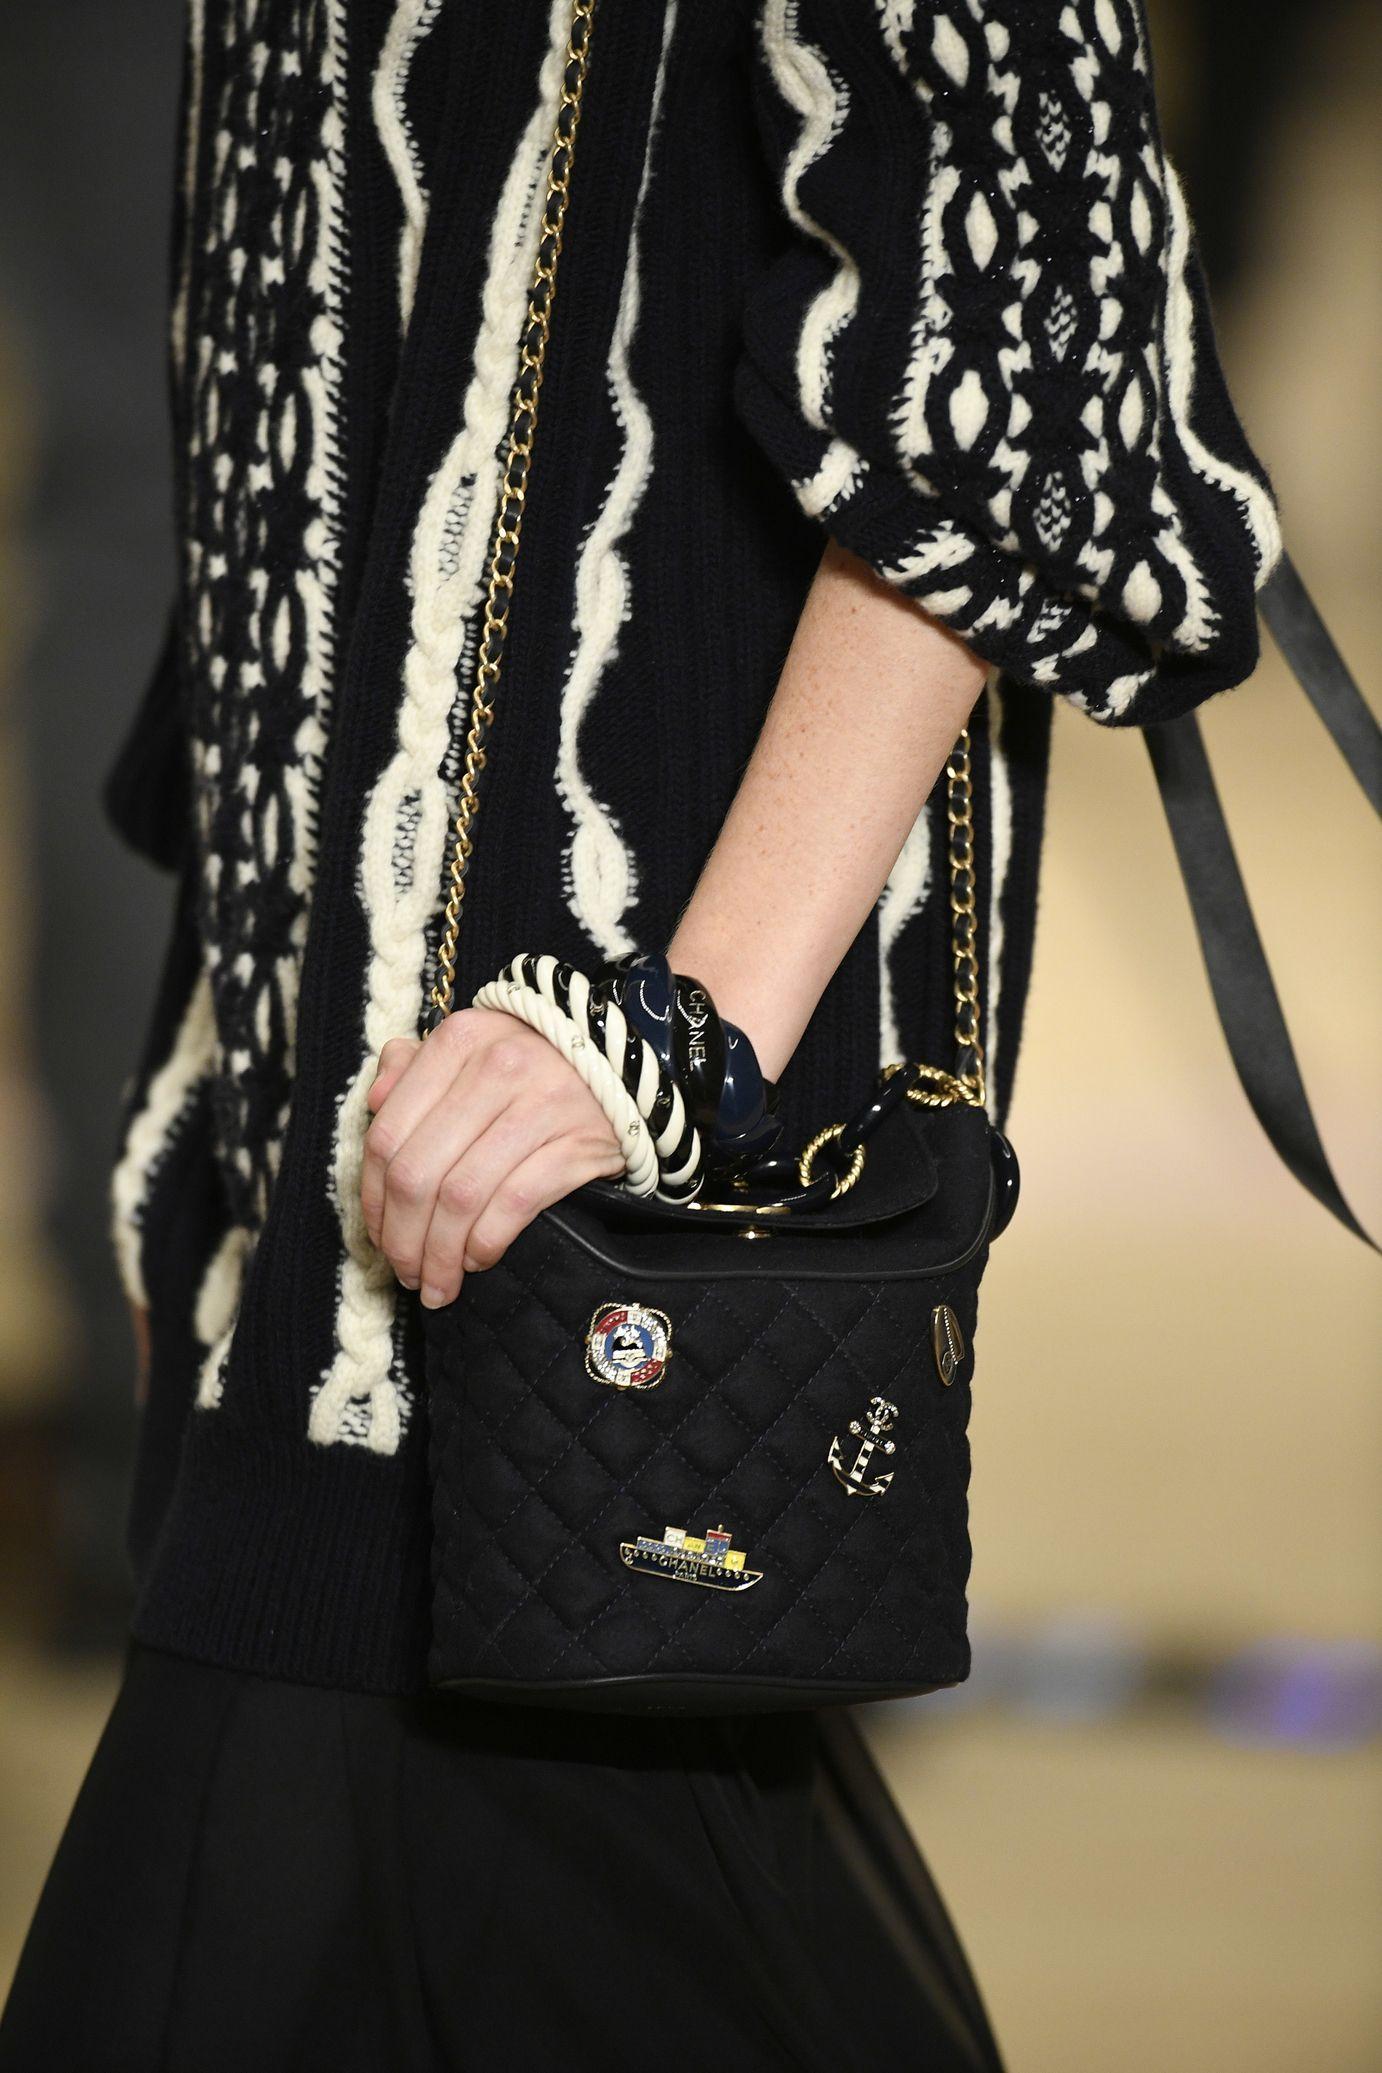 Défilé Chanel Pré Collection Automne Hiver 2018 2019 Femme